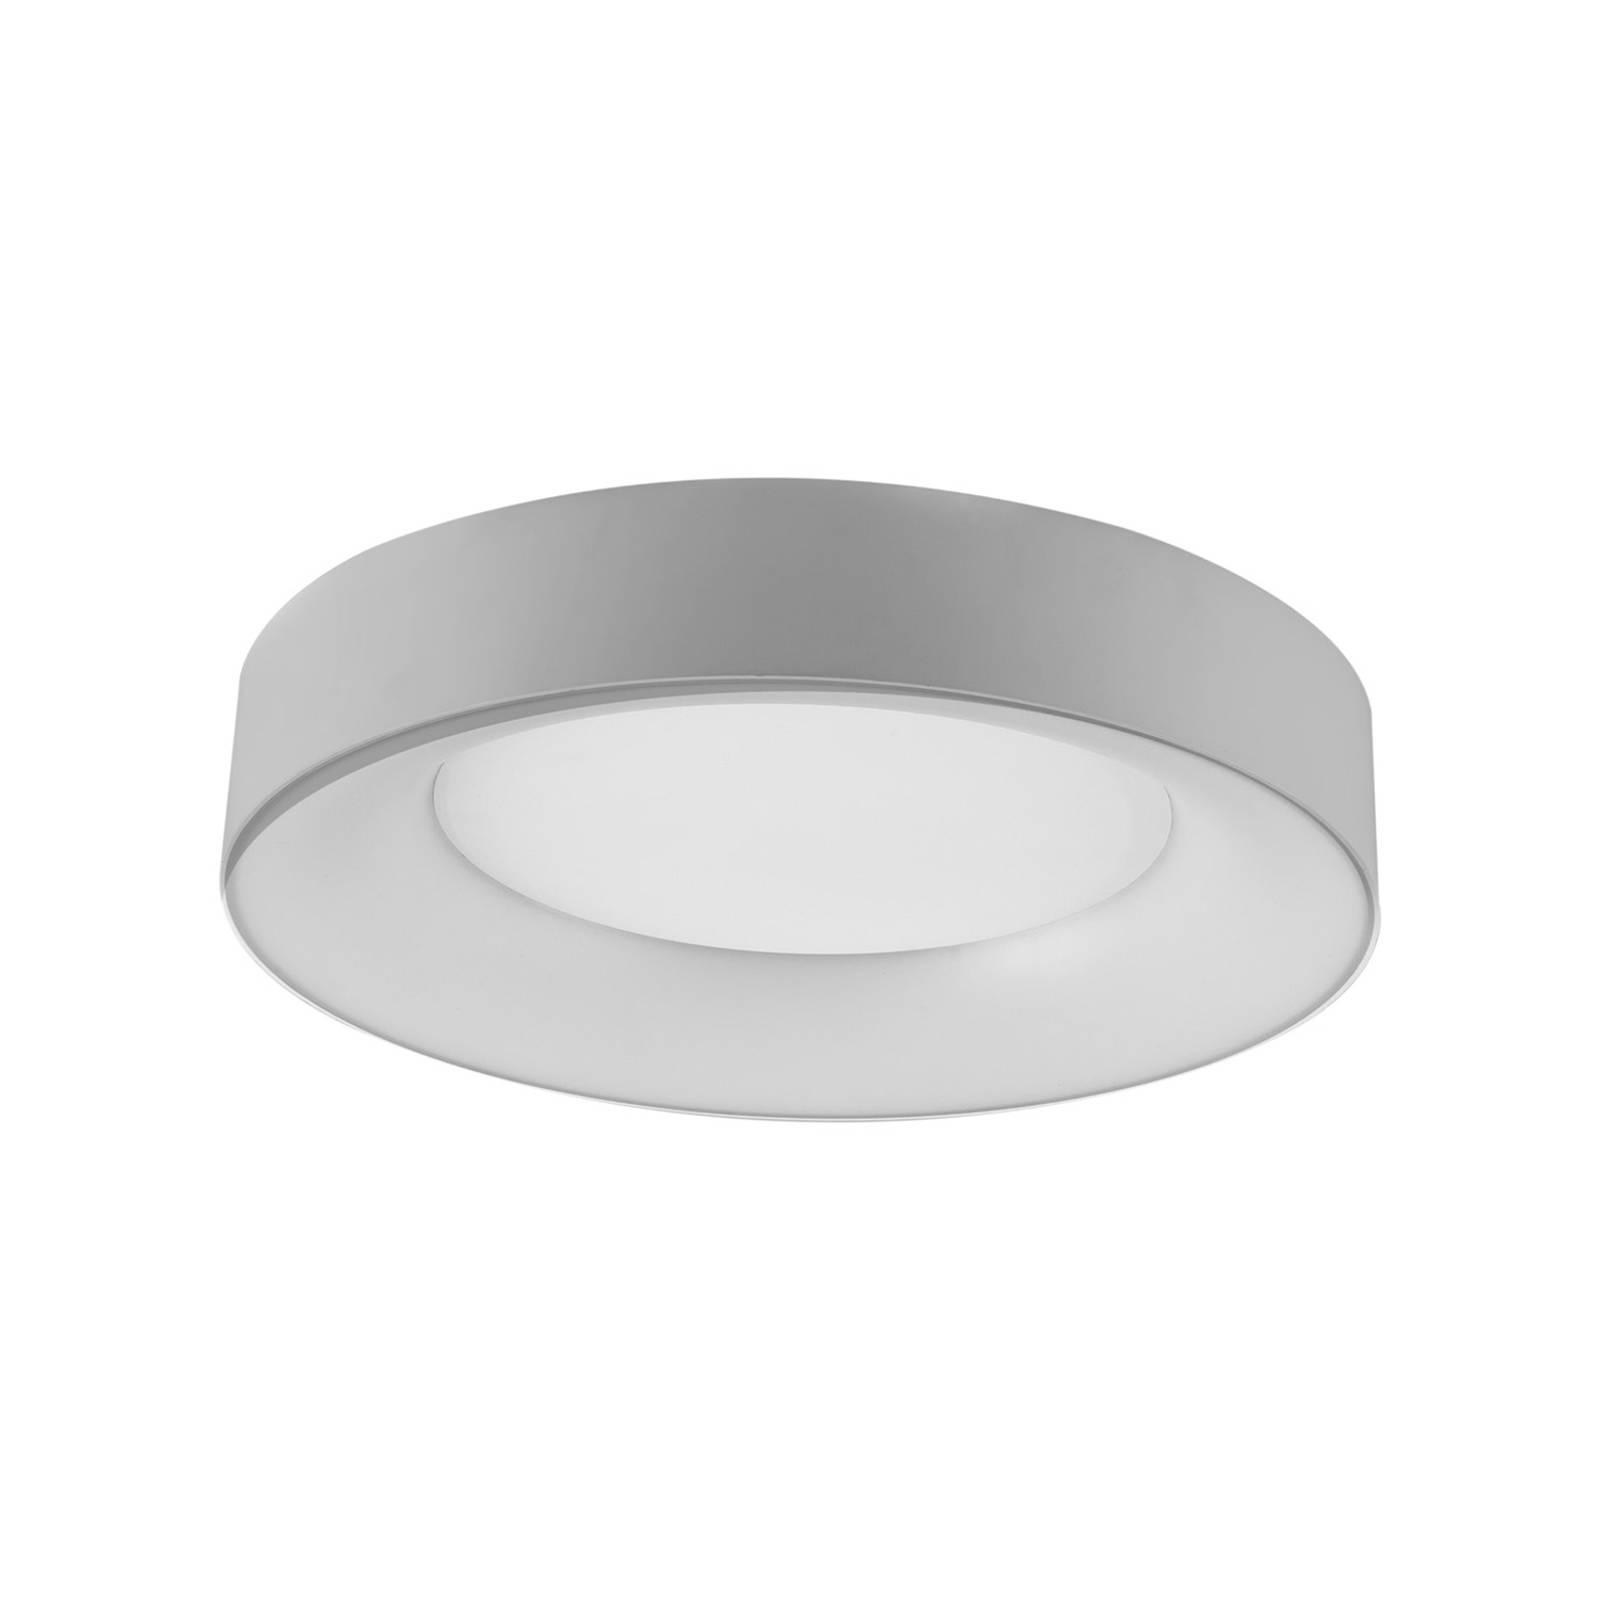 LED-Deckenleuchte R40, Ø 40 cm, silber